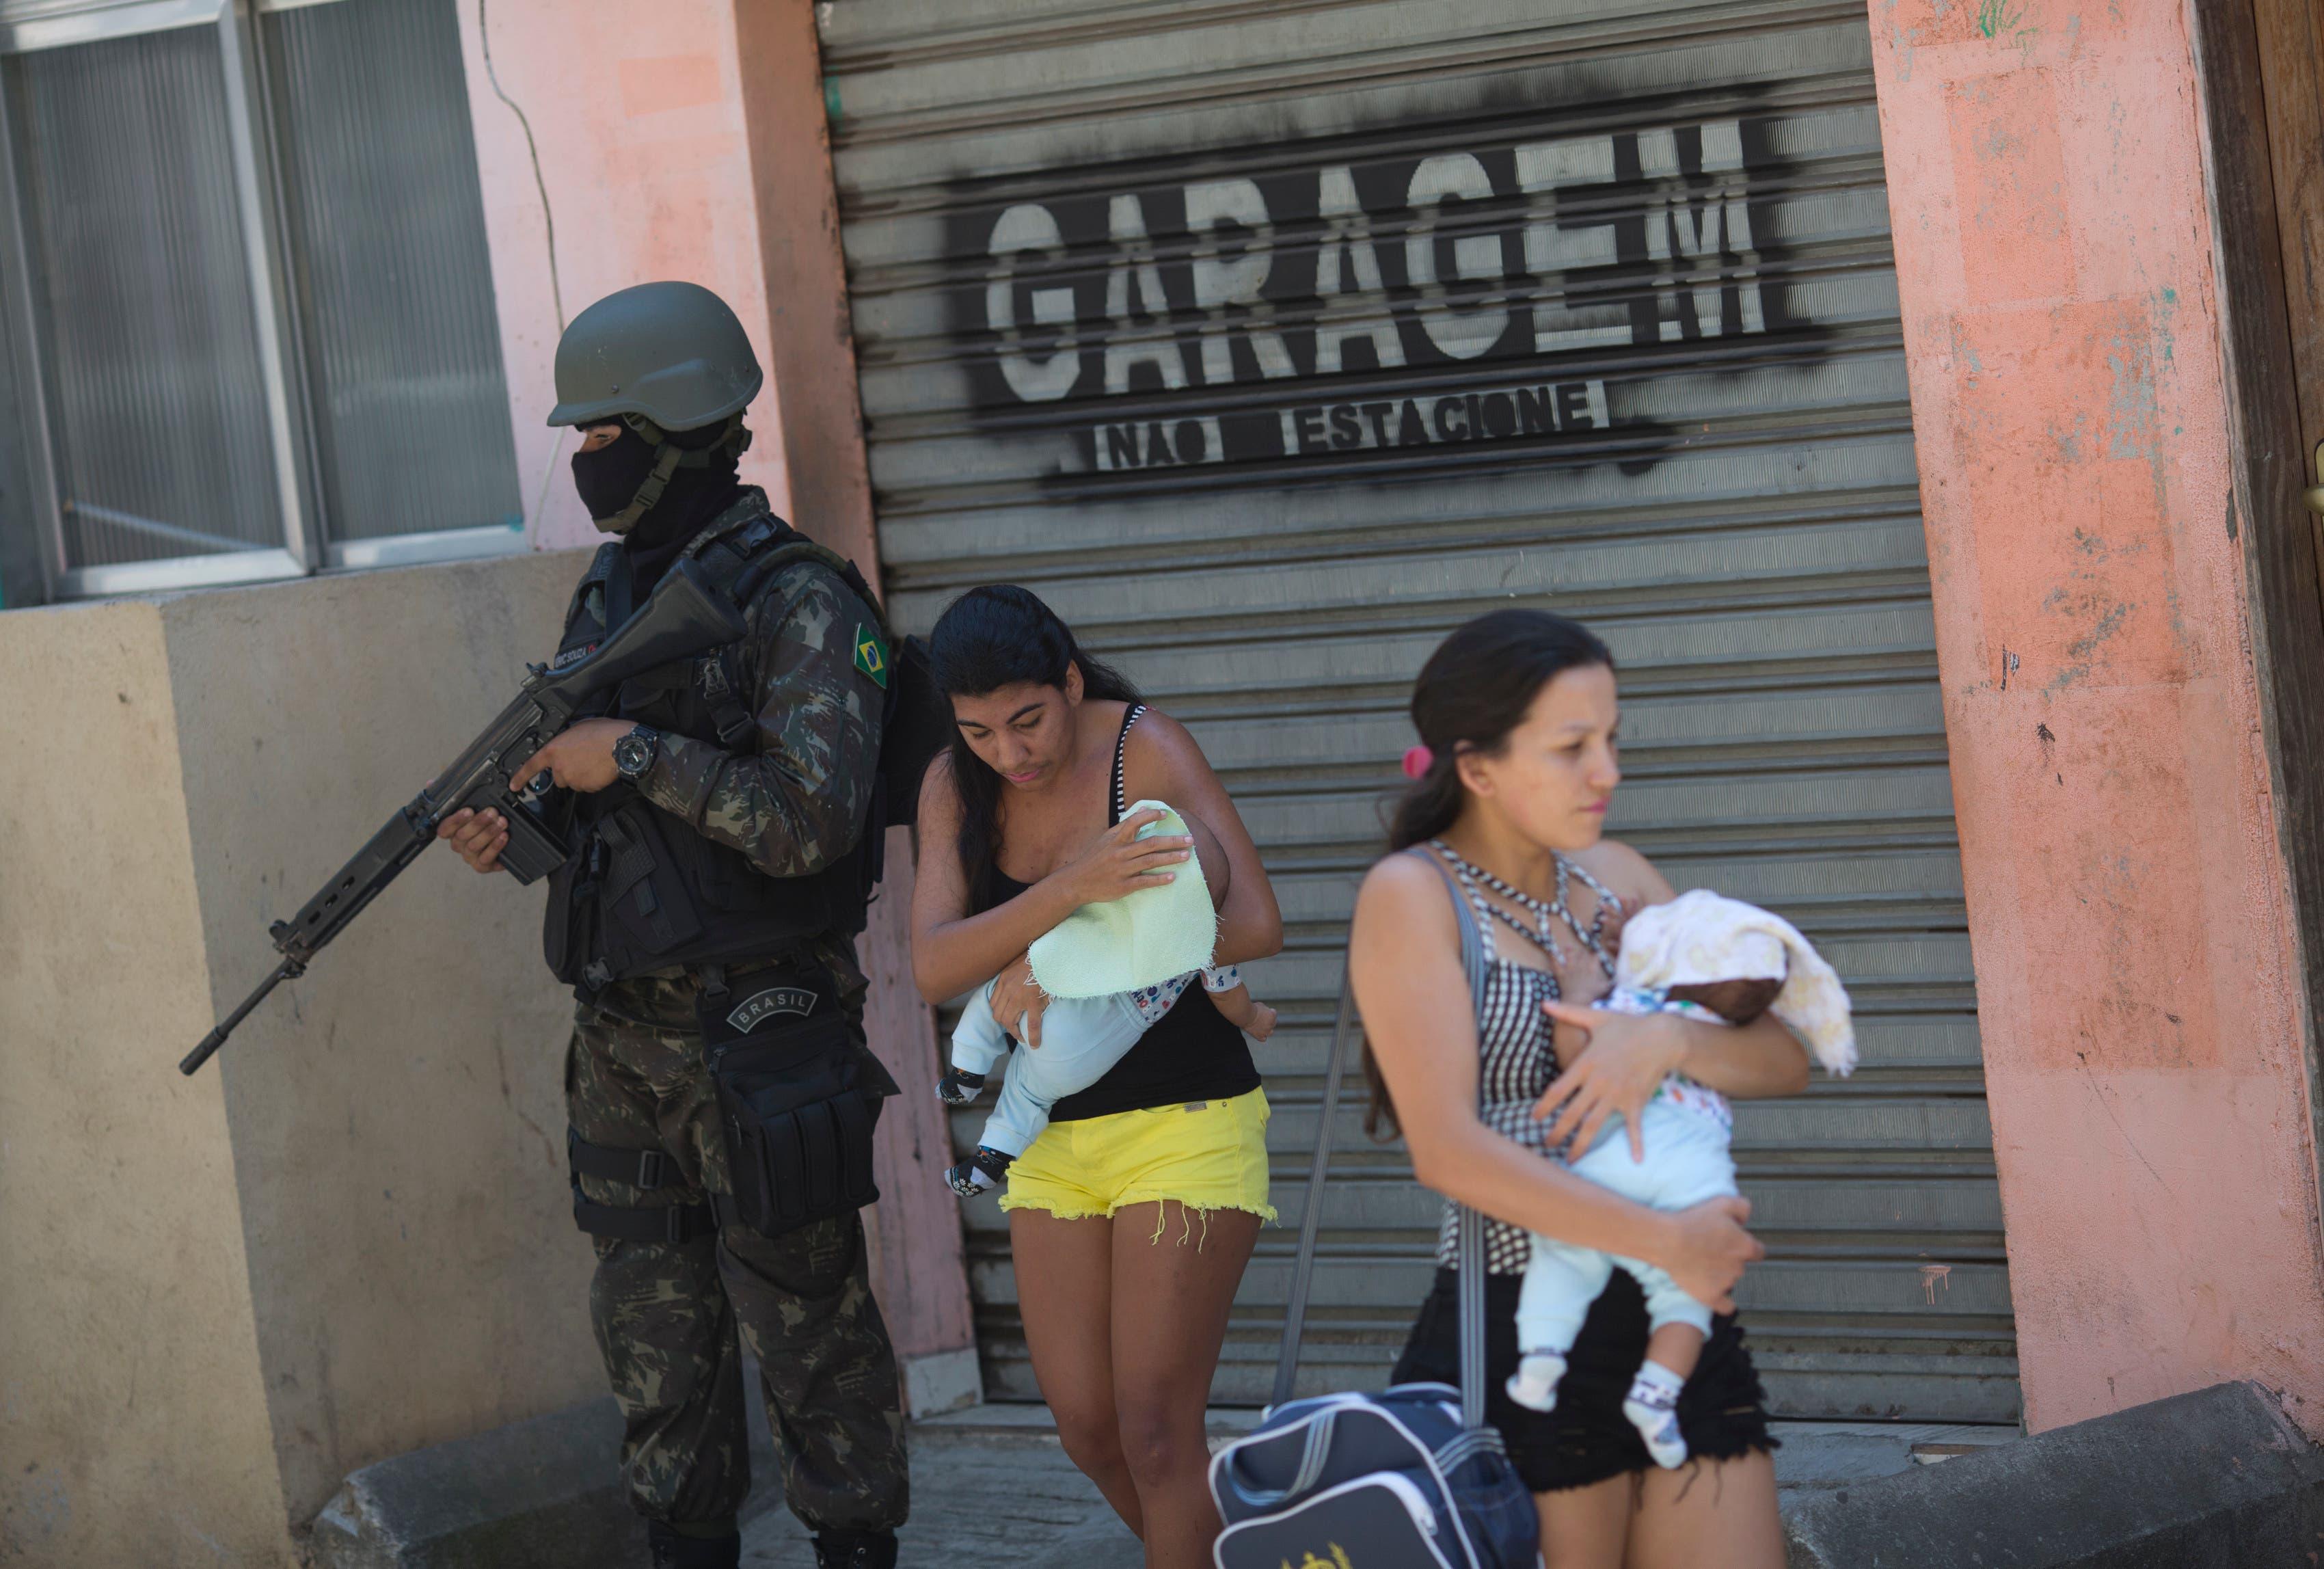 El médico estuvo secuestrado nueve horas y, antes de ser liberado, fue obligado a atender a un hombre con una herida de bala en una clínica particular en la Baixada Fluminense.